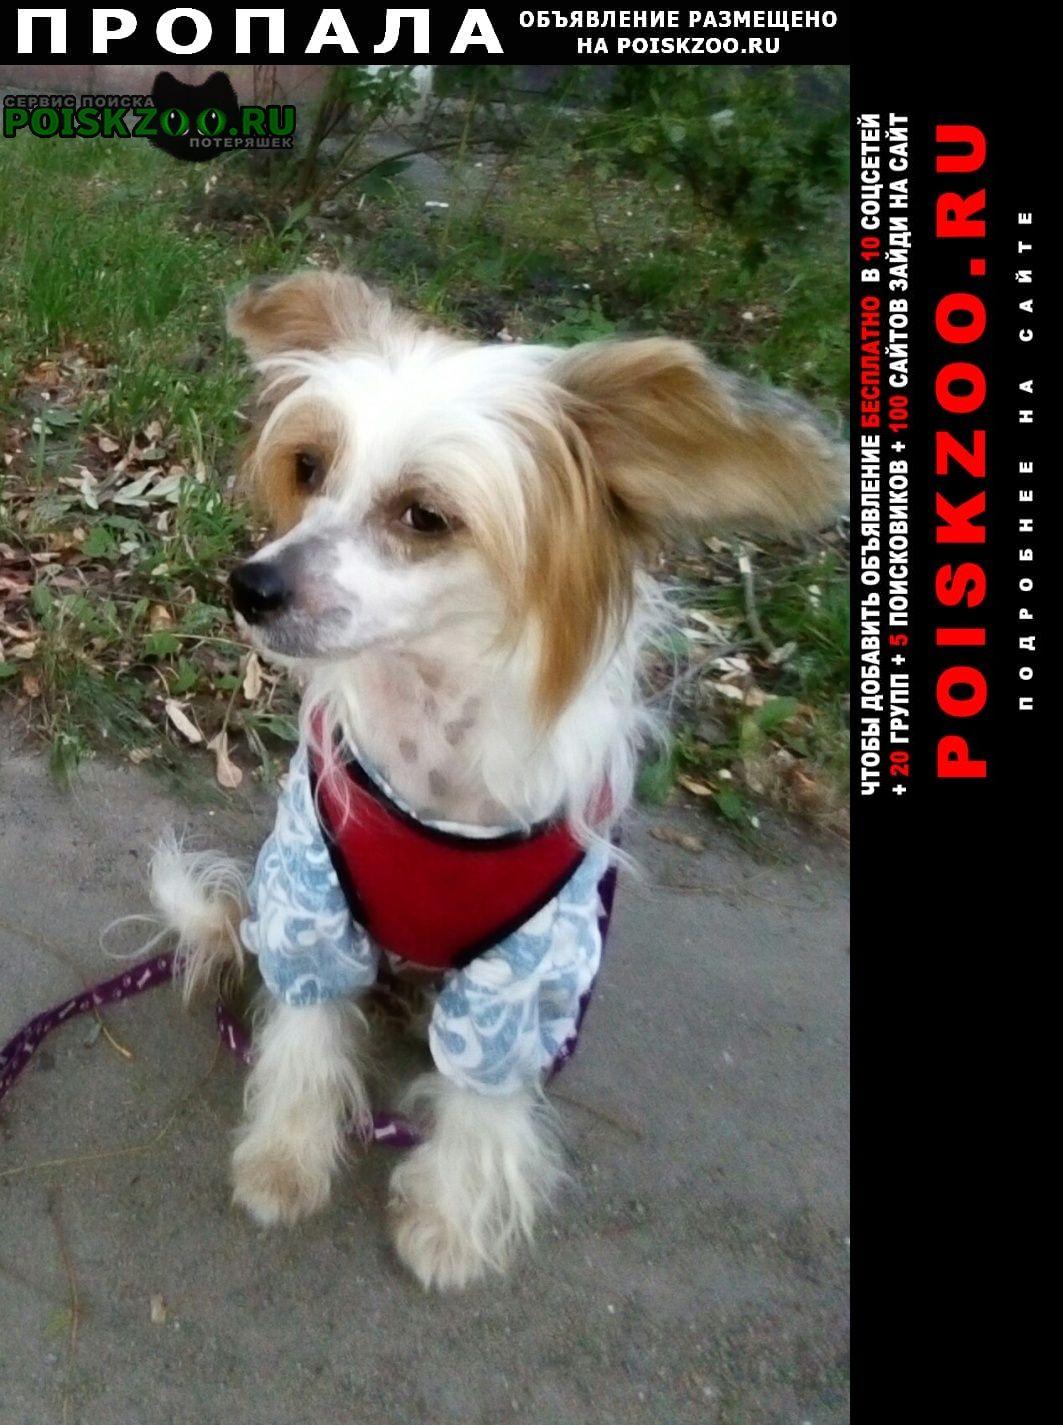 Иваново Пропала собака китайская хохлатая